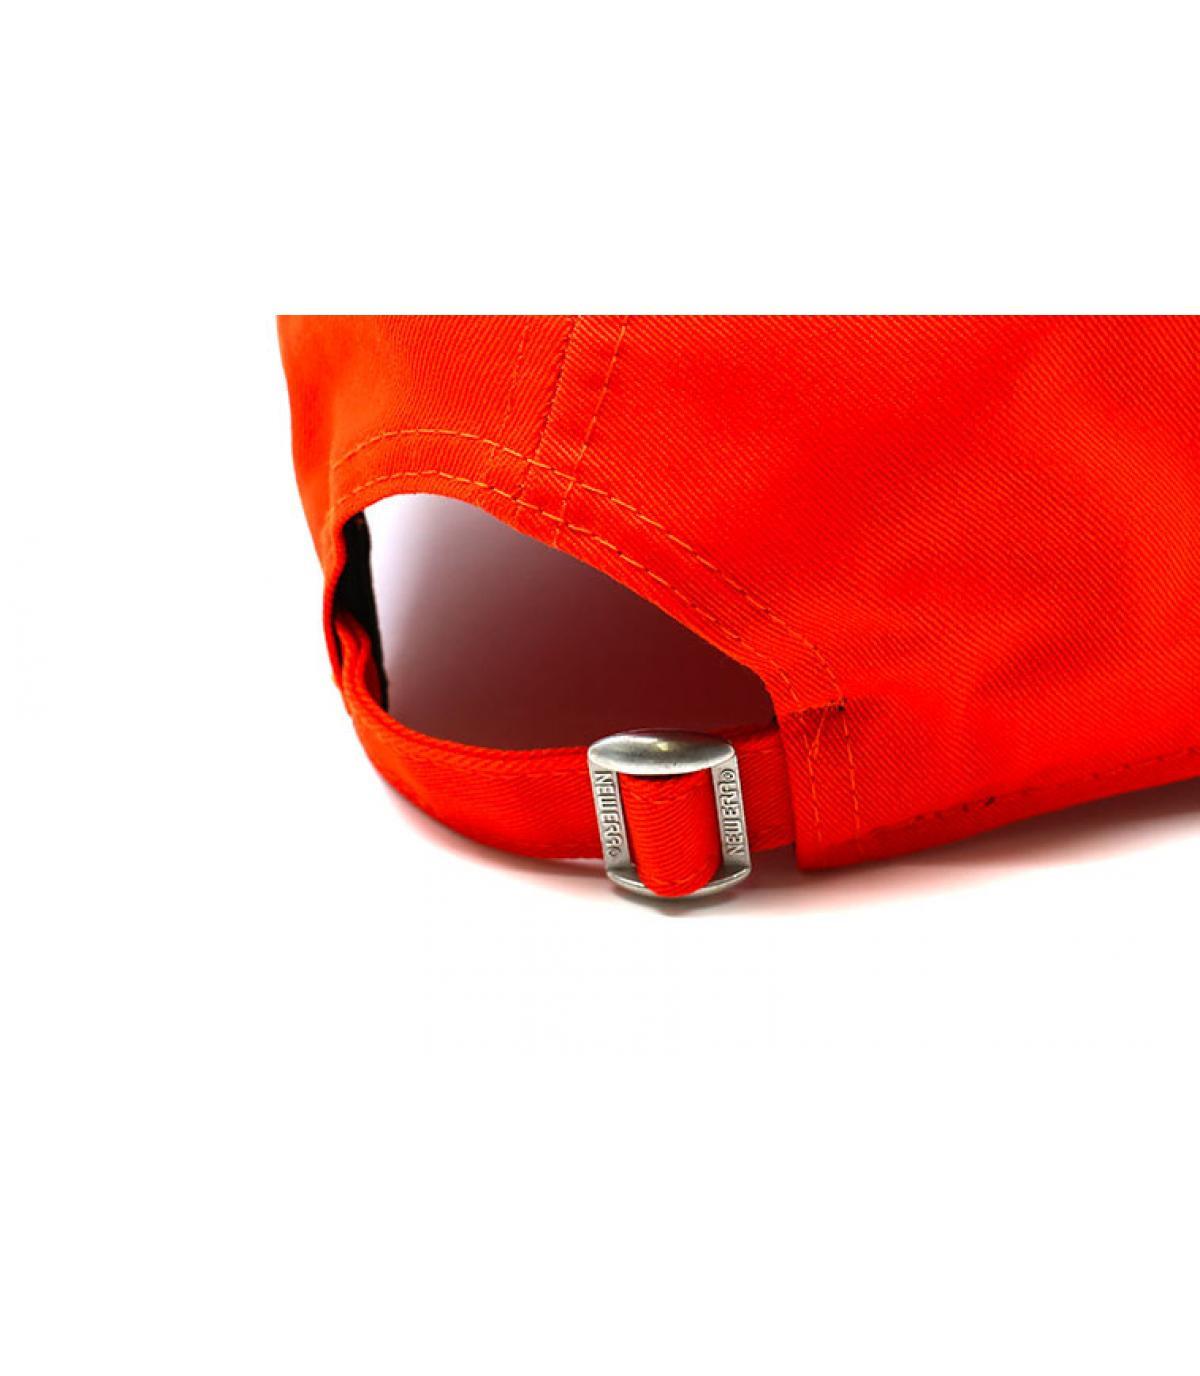 Détails Casquette League Ess 9Forty NY orange - image 5